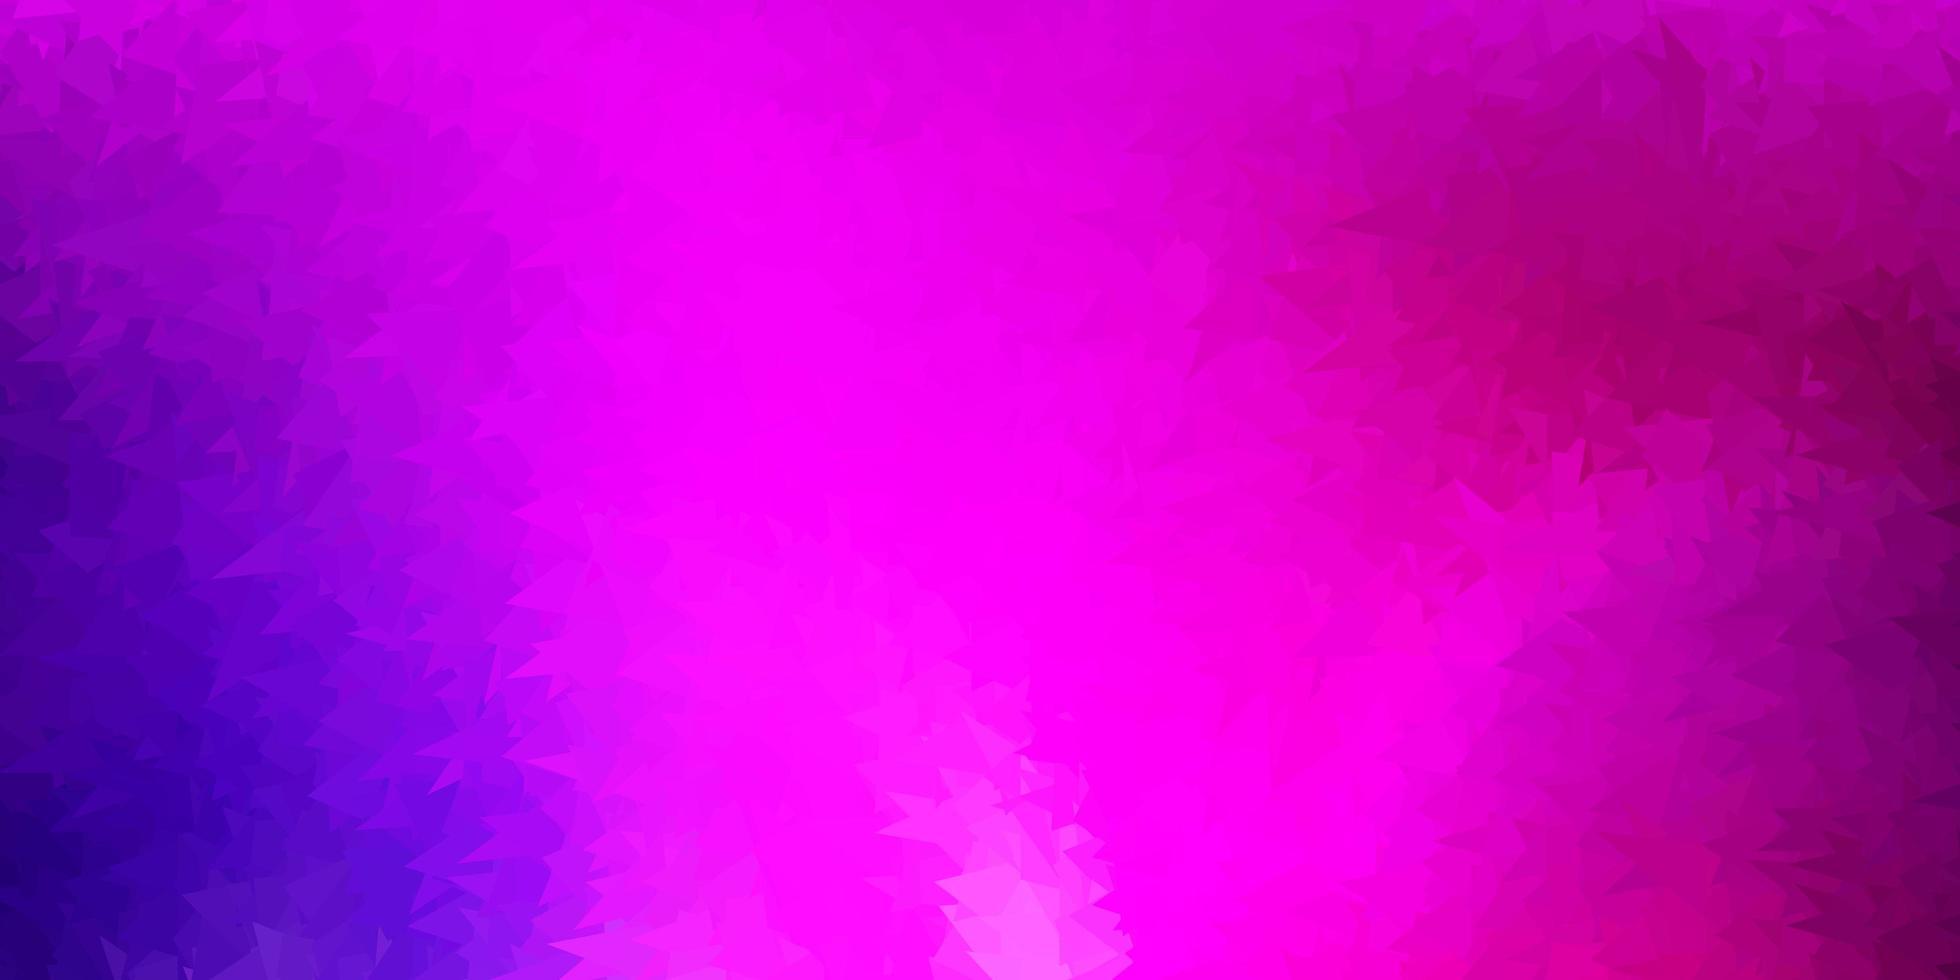 Disposition polygonale géométrique de vecteur violet foncé, rose.